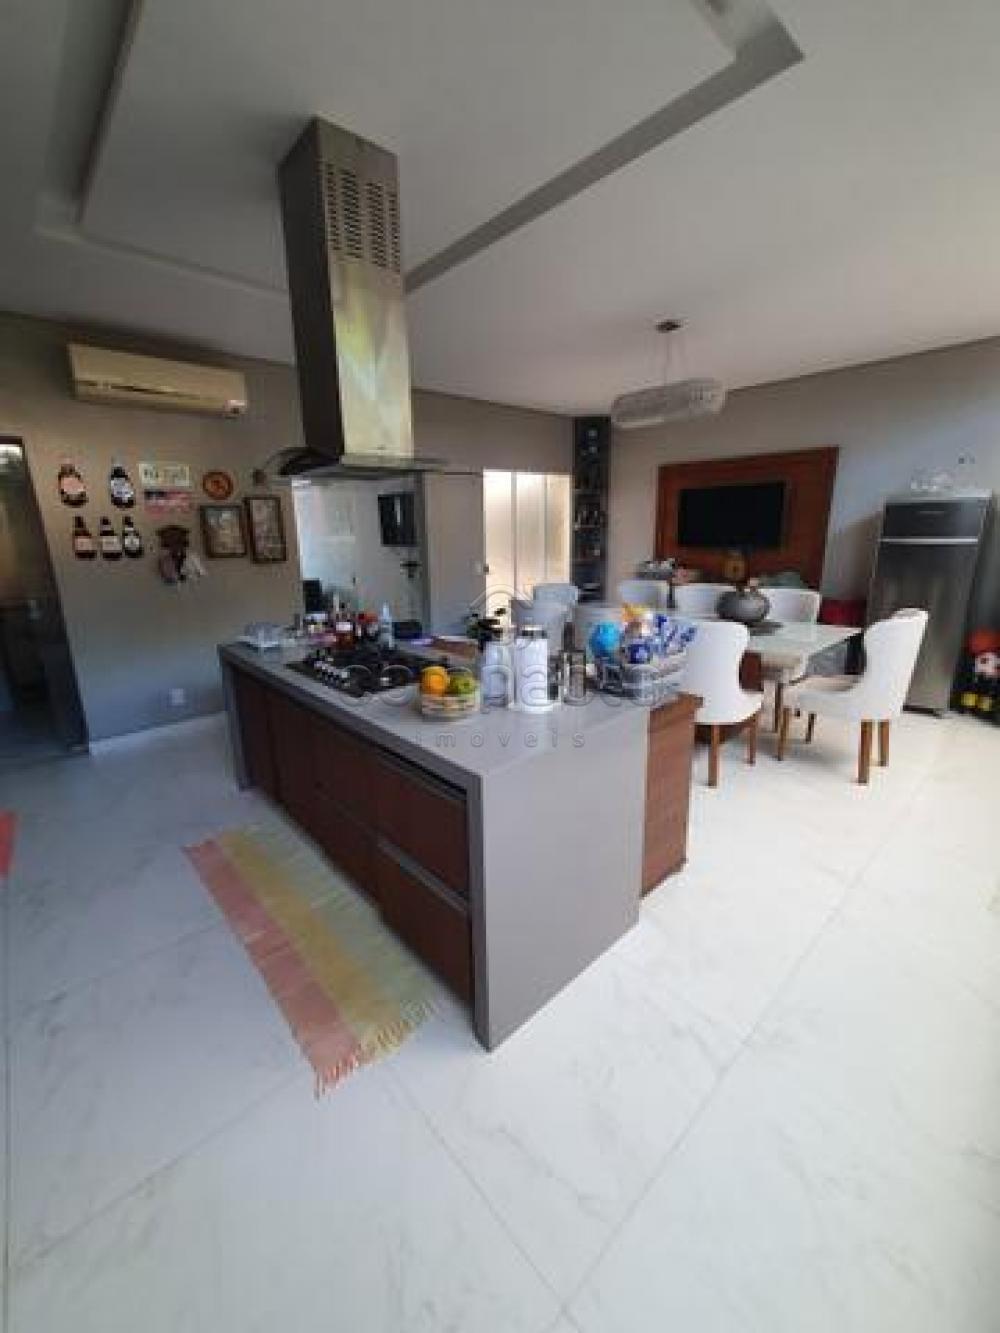 Comprar Casa / Condomínio em São José do Rio Preto apenas R$ 535.000,00 - Foto 17